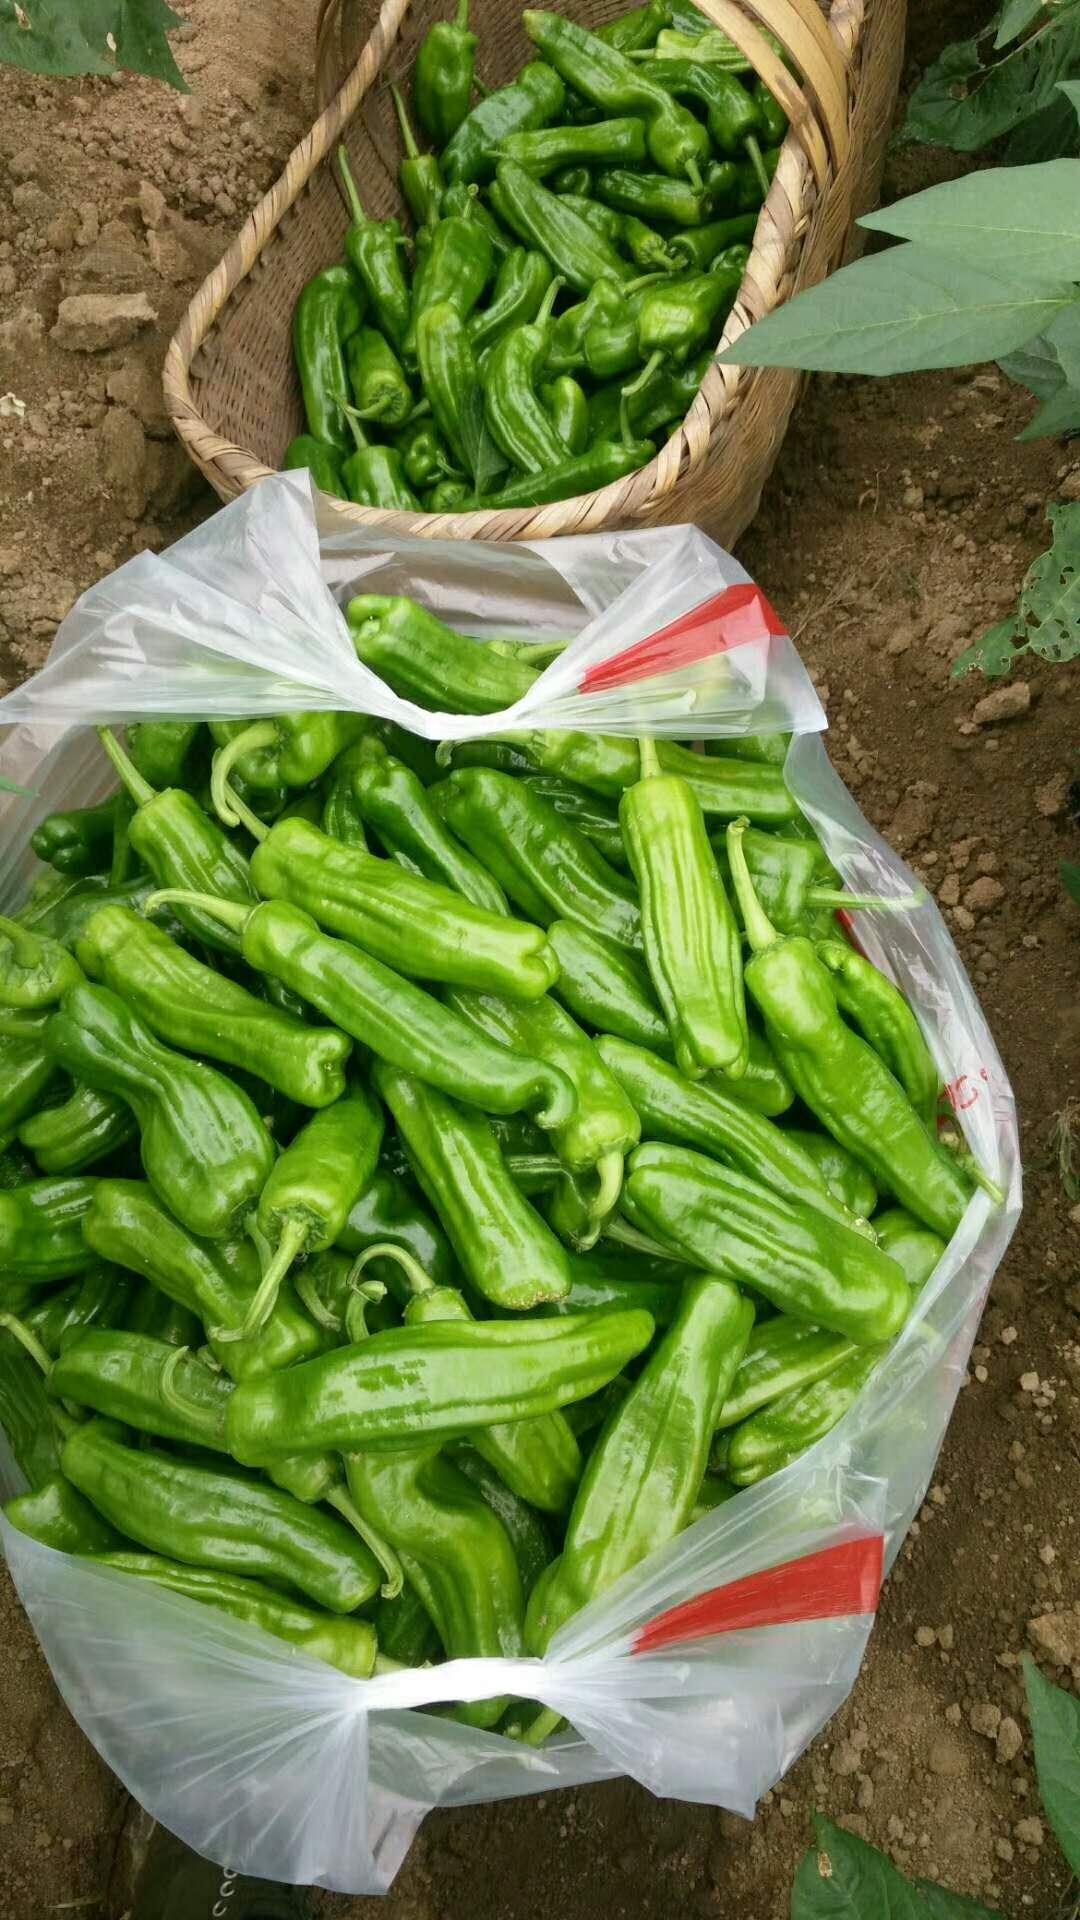 蔬菜有机肥